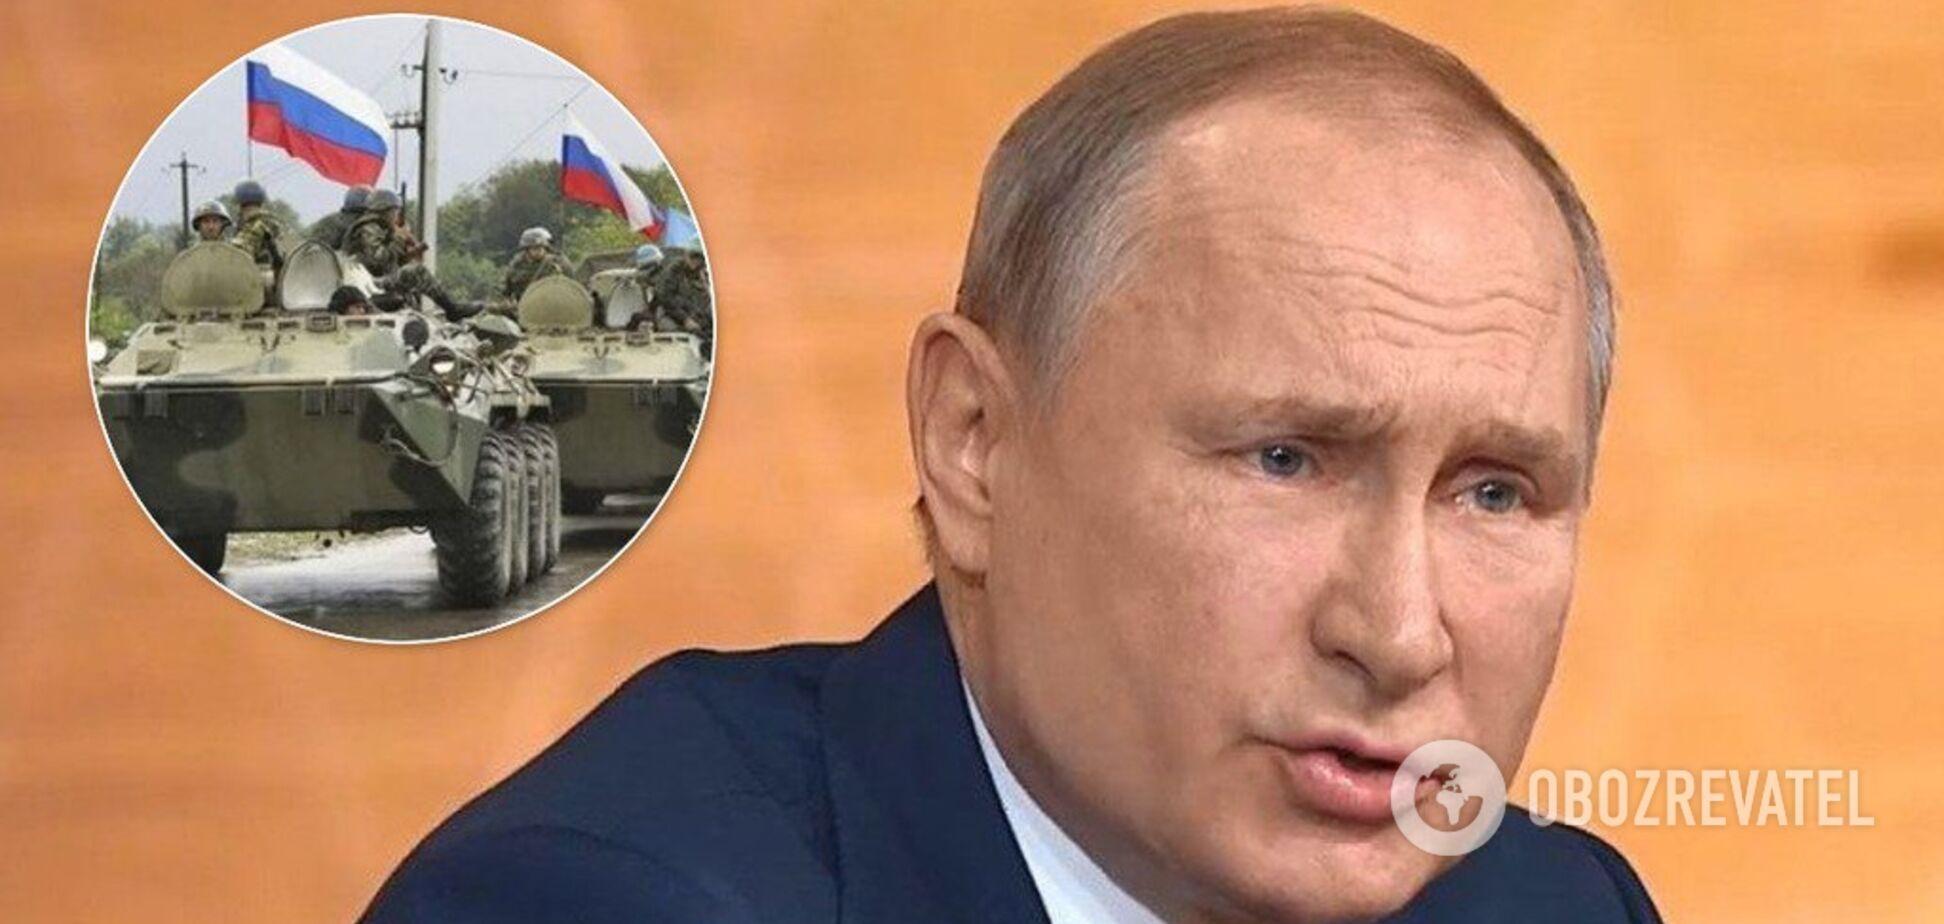 'Там немає іноземних військ!' Путін збрехав про найманців на Донбасі